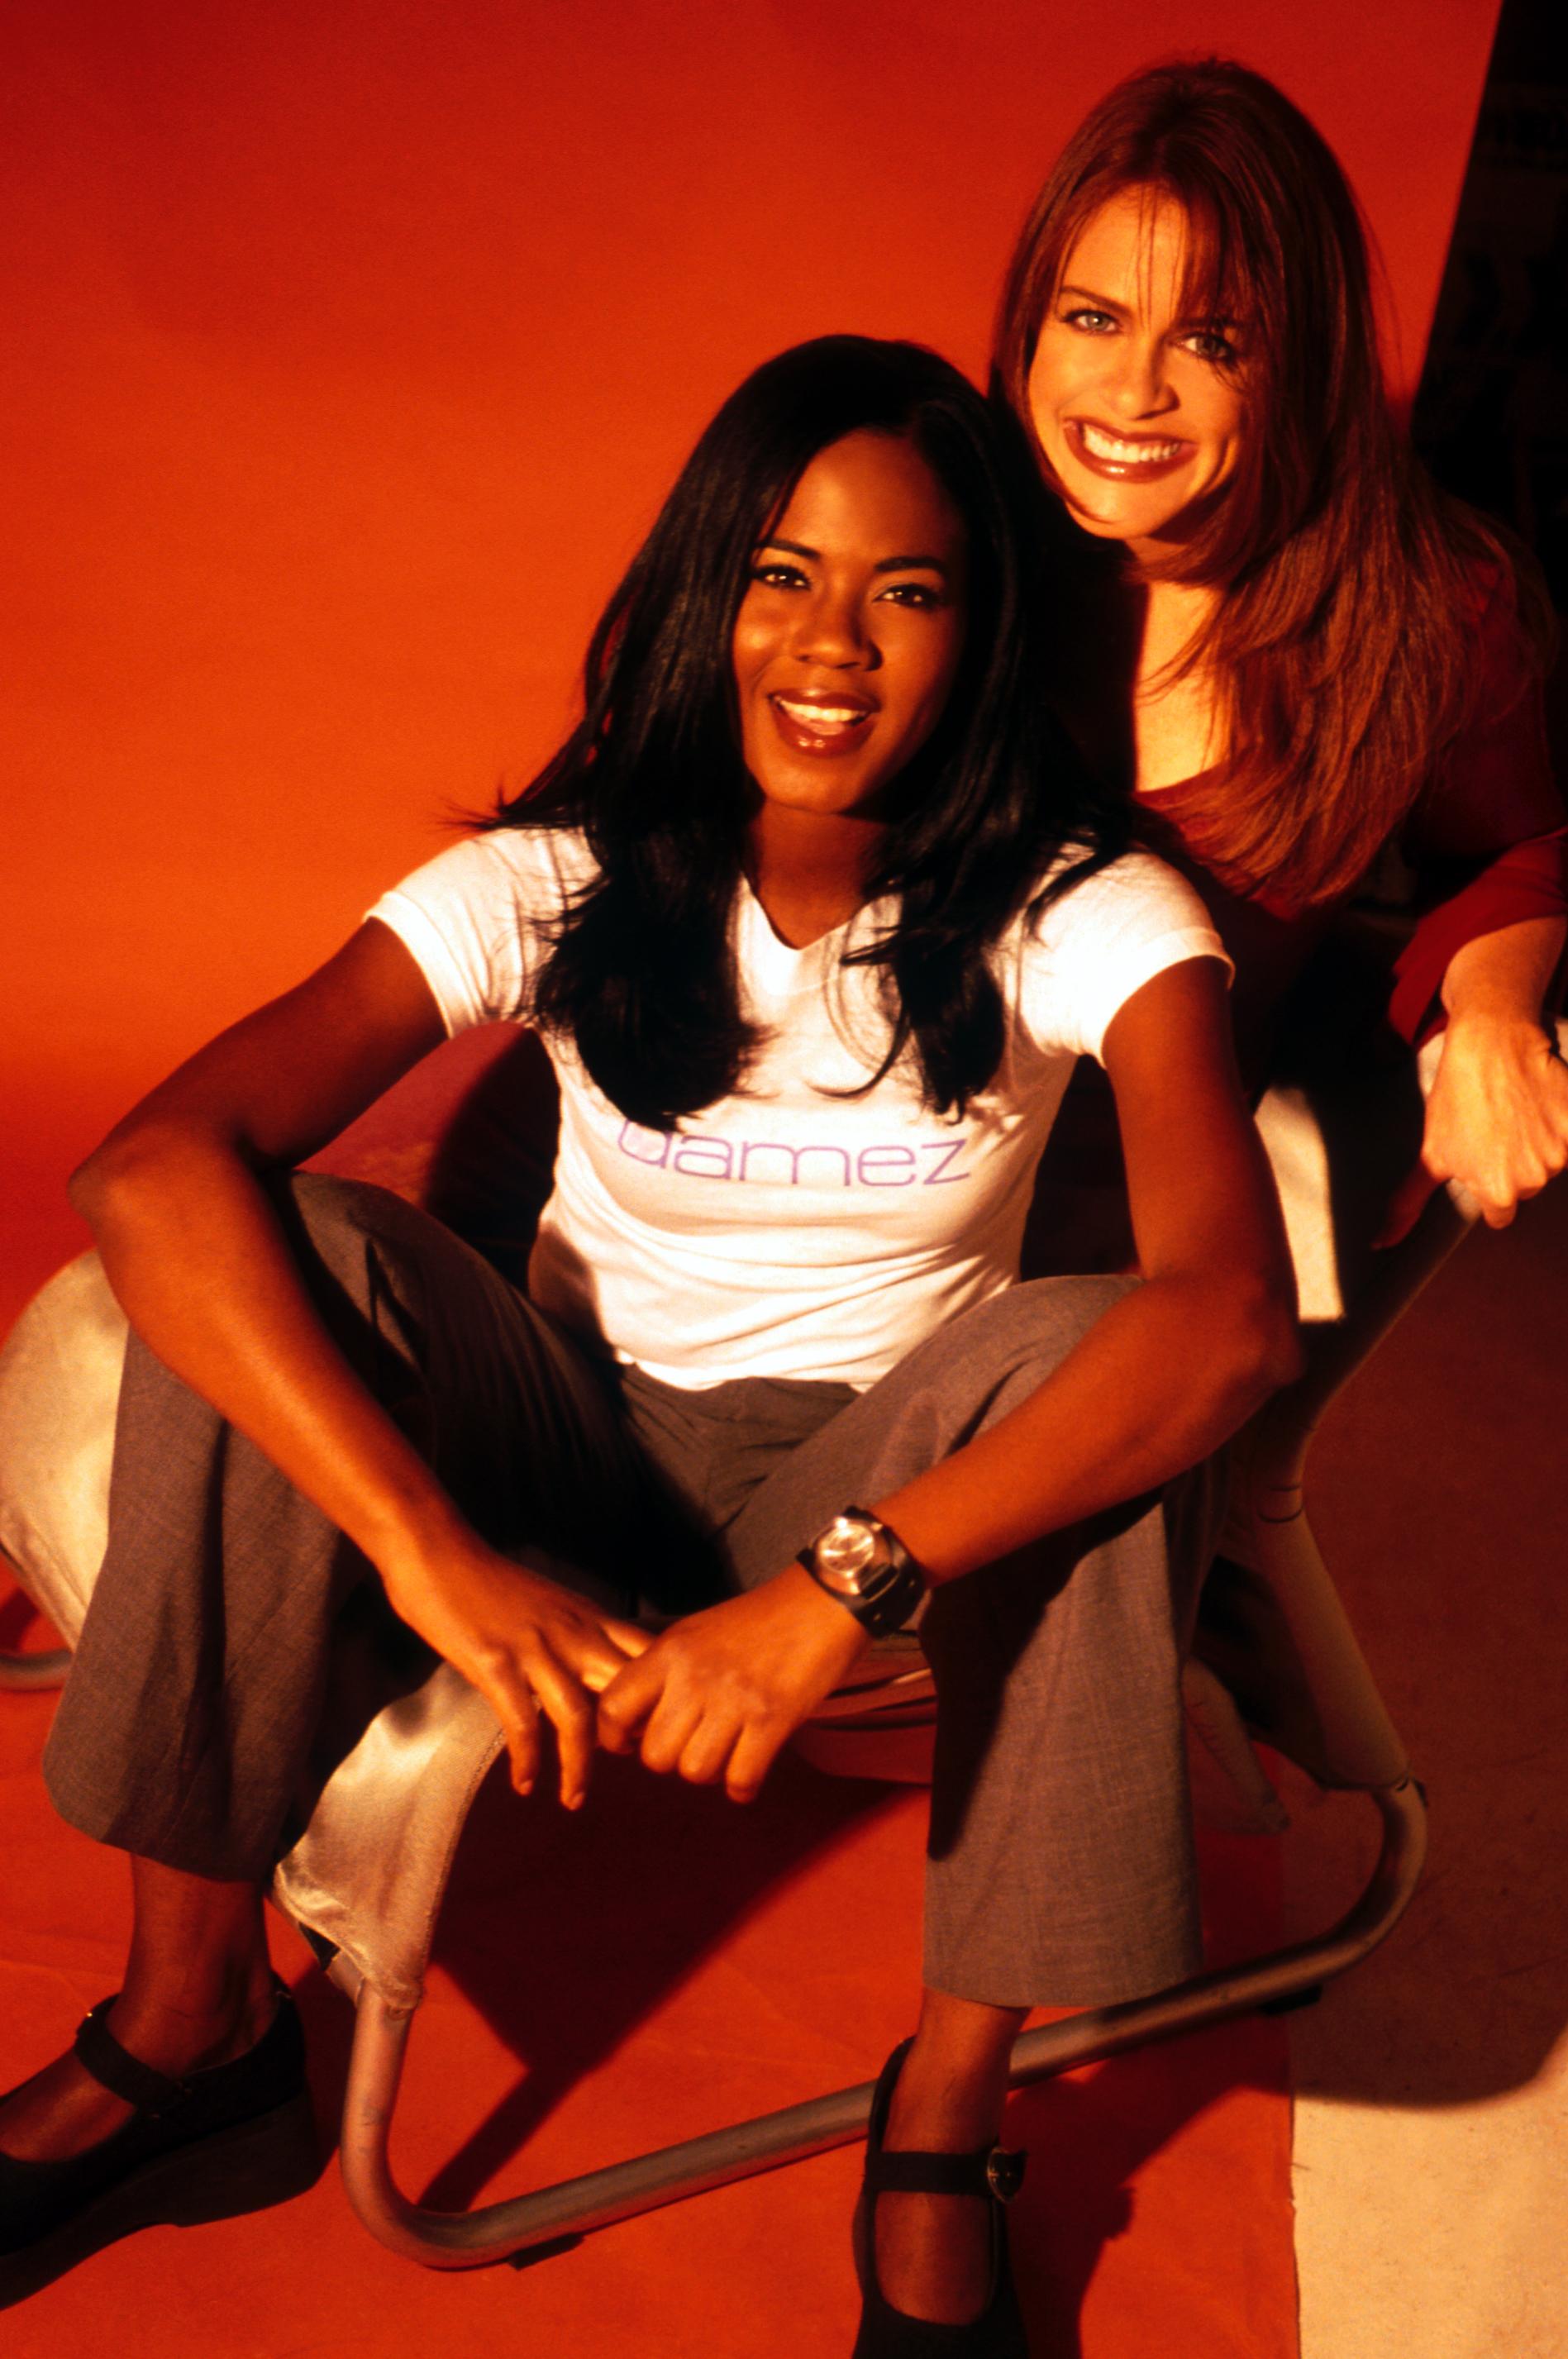 Damez - Kristi and Tangi Miller Damez Promo(1).jpg